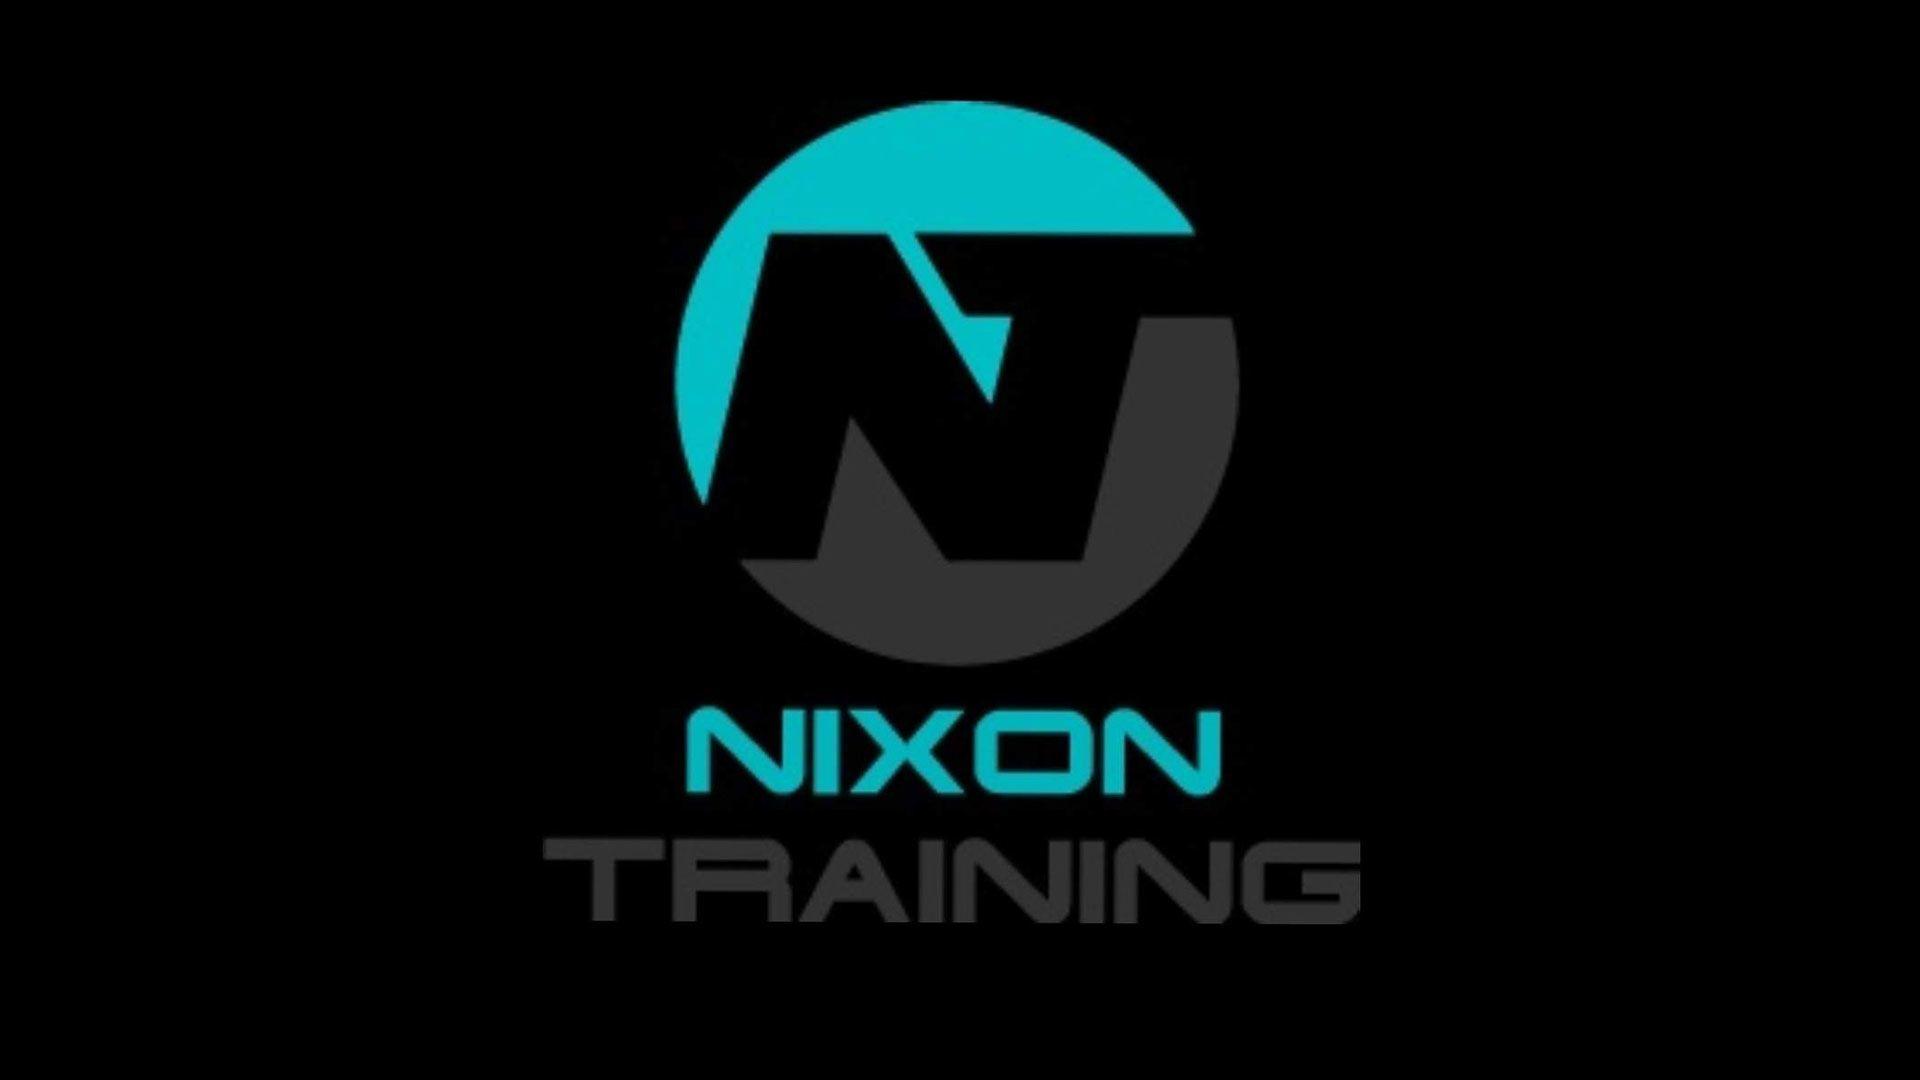 Nixon Training